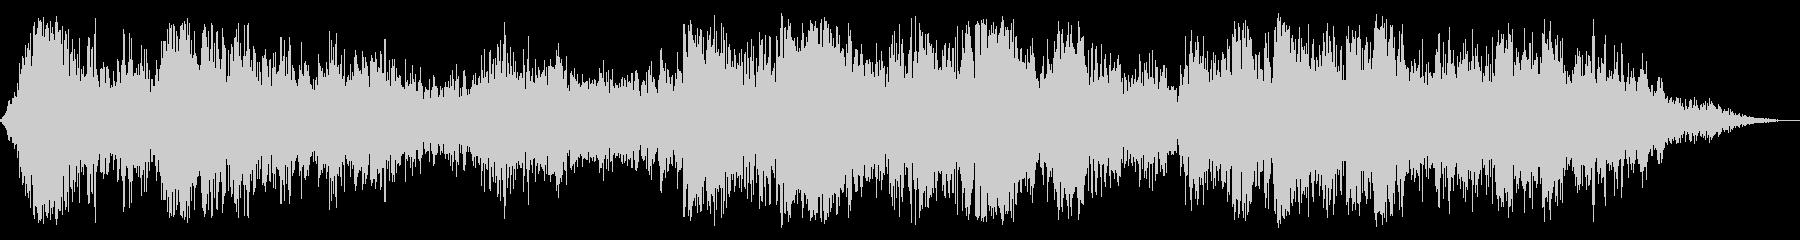 ヘビーコンスタントサンダー、ノーレインの未再生の波形